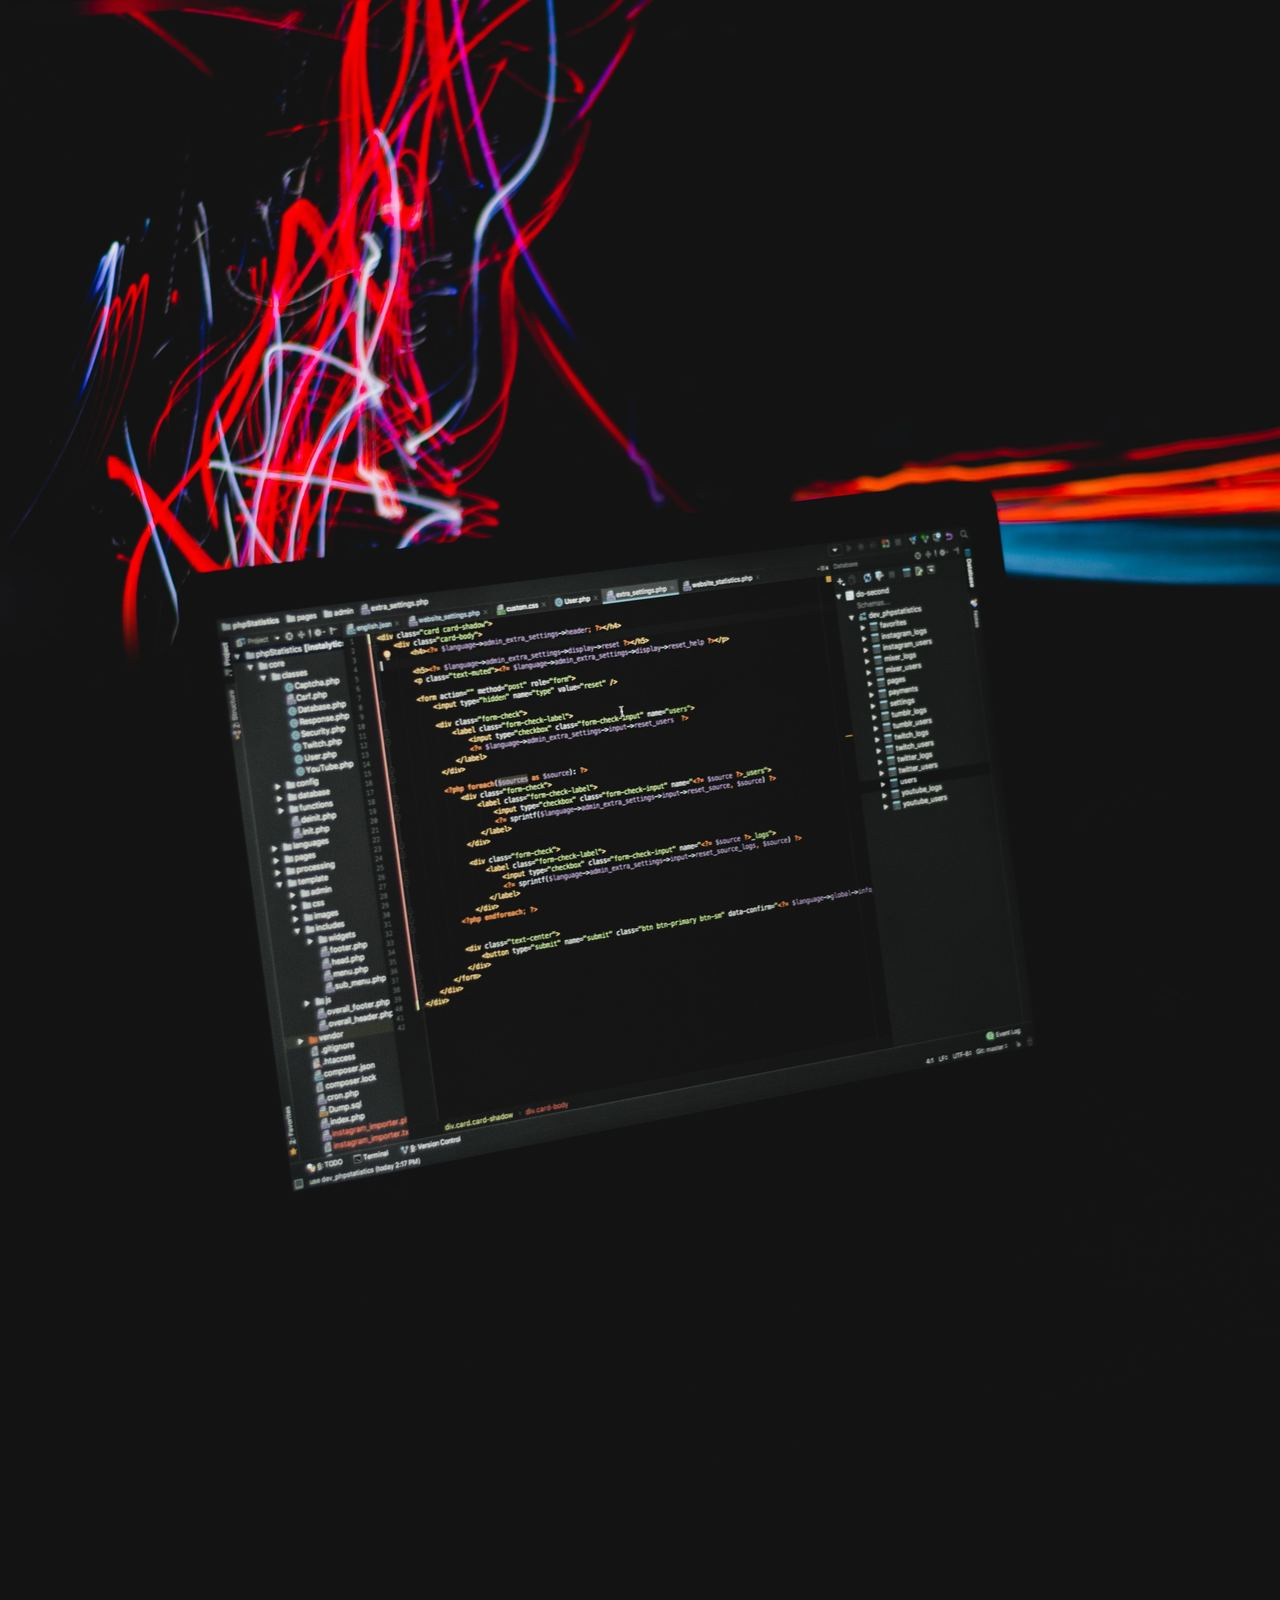 【現役エンジニアが伝授!】なぜプログラミング学習において目的が必要なのか